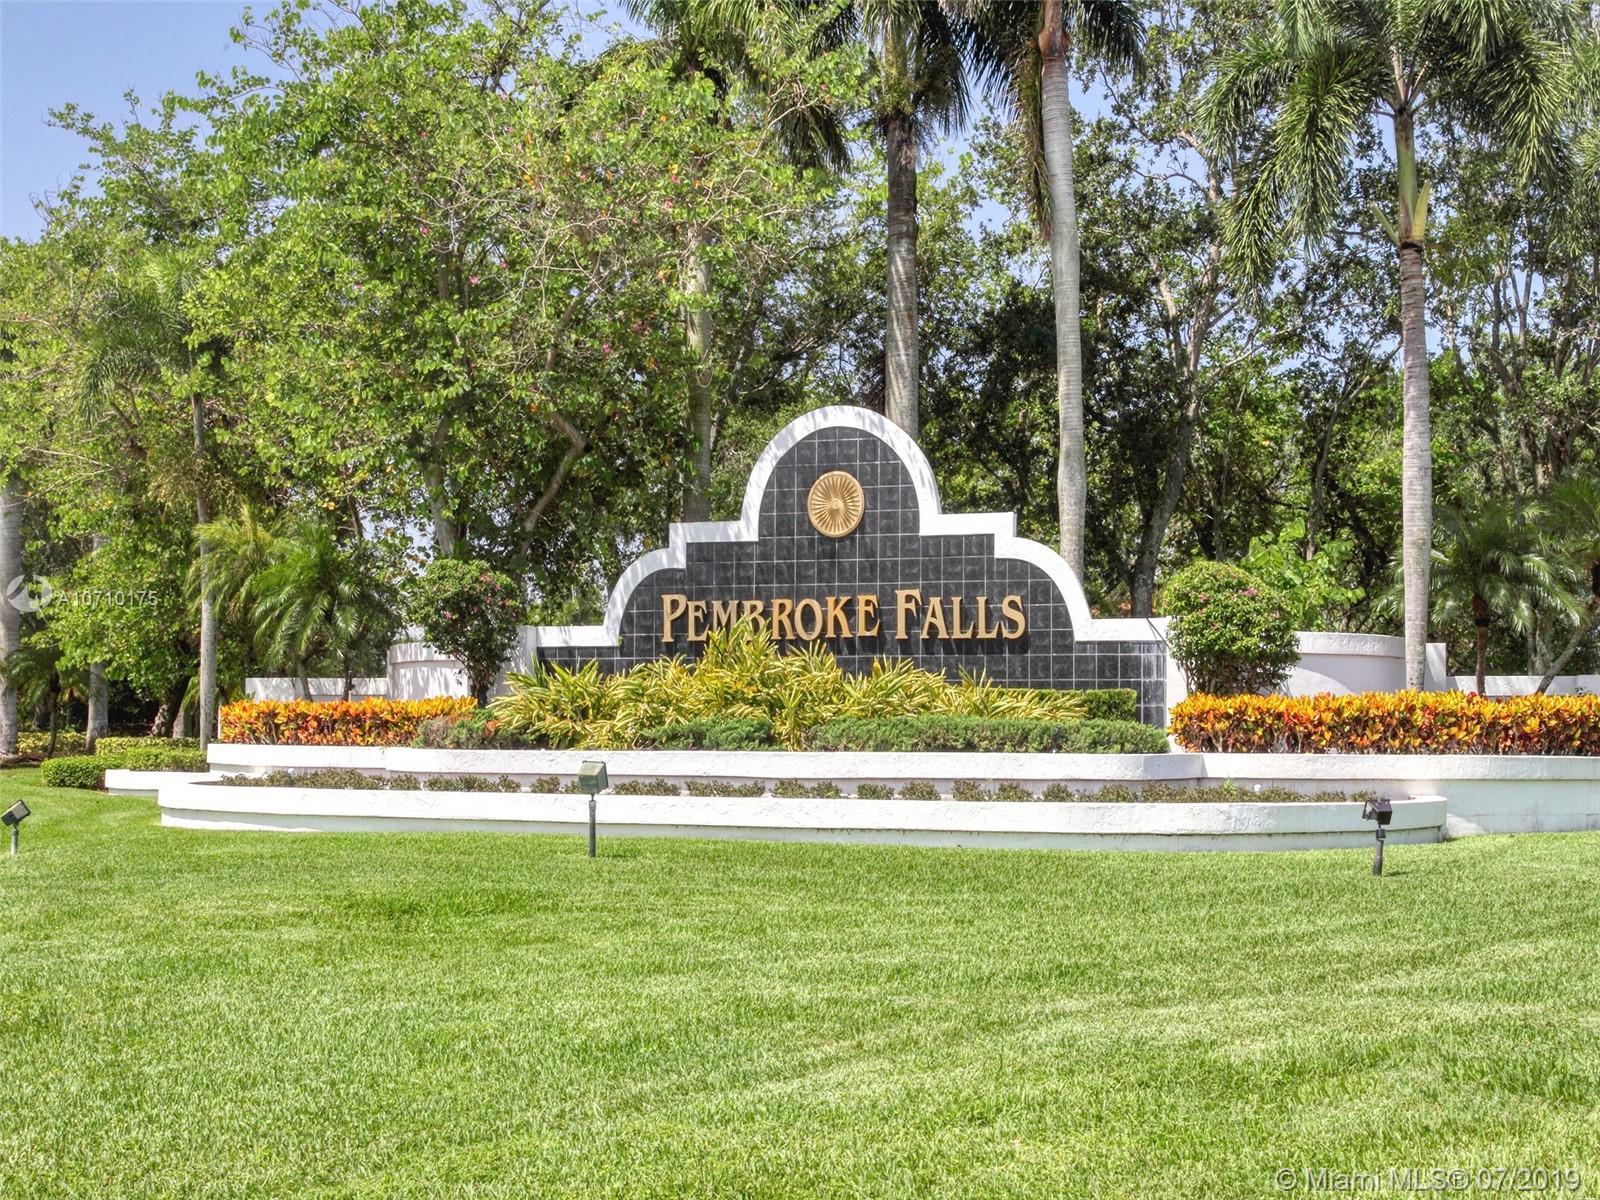 Pembroke Falls # - 40 - photo